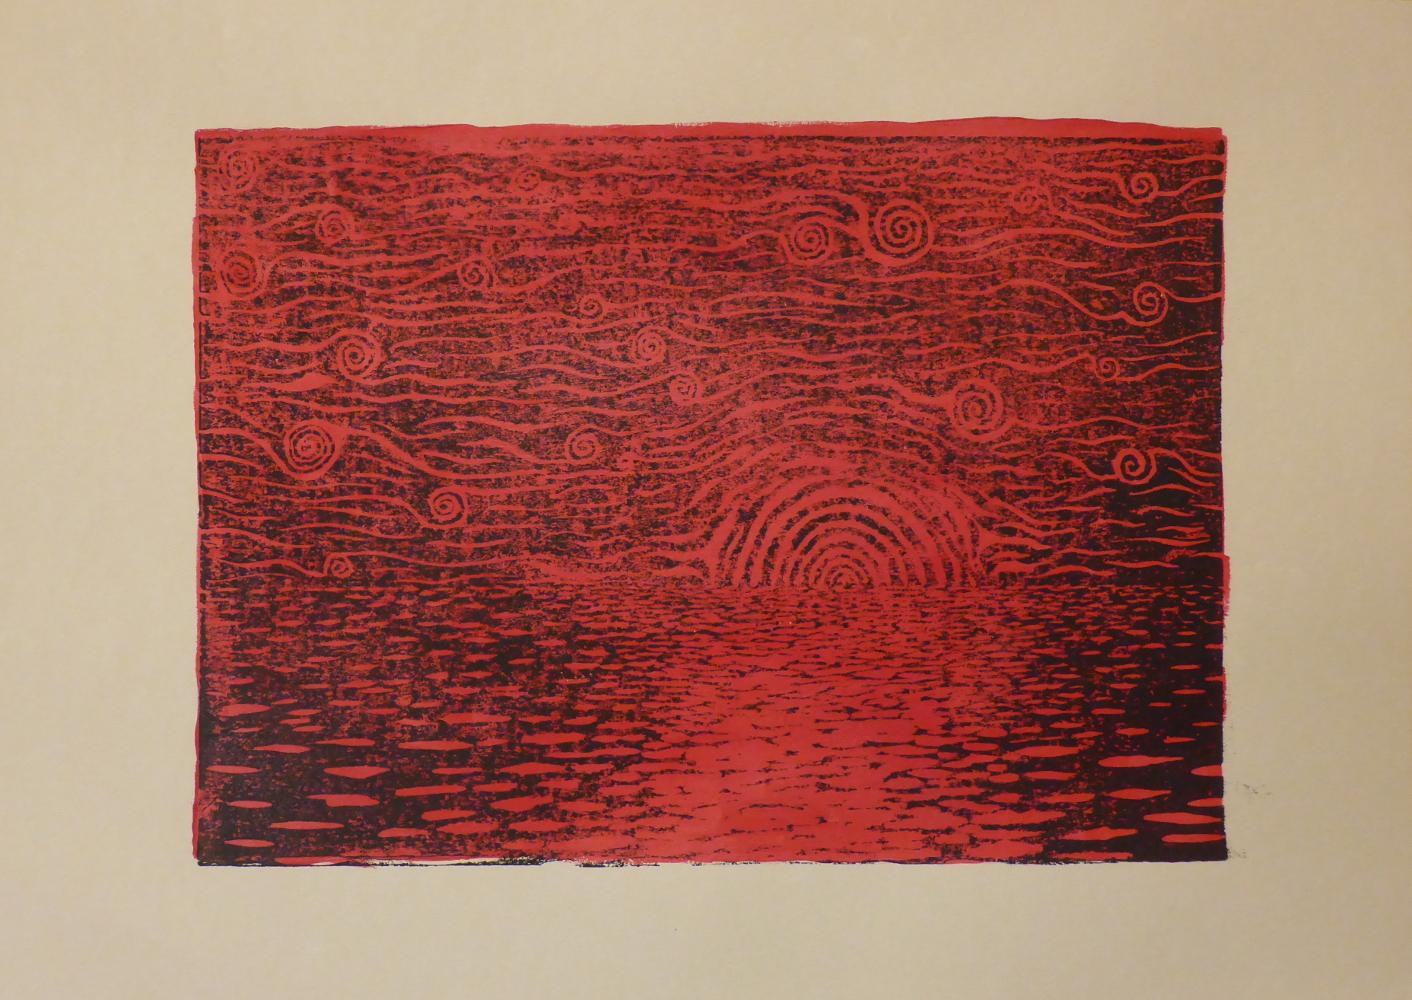 """""""Sternennacht IV"""", 2018, Linolschnitt + Acryl auf Papier, 42 x 30 cm"""